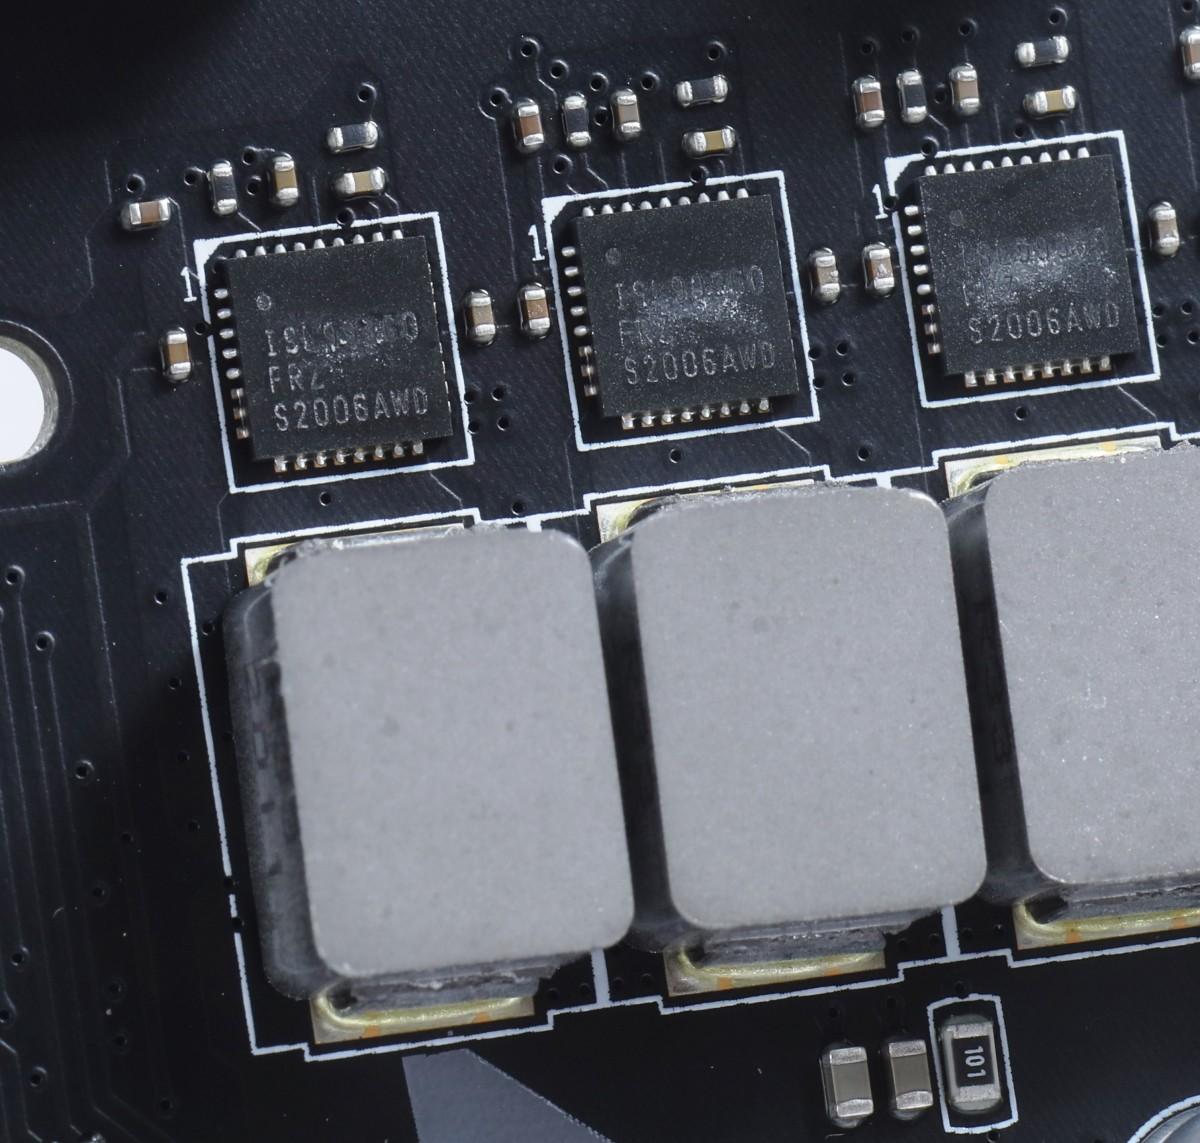 採用 Renesas ISL99360 Smart Power Stage 晶片